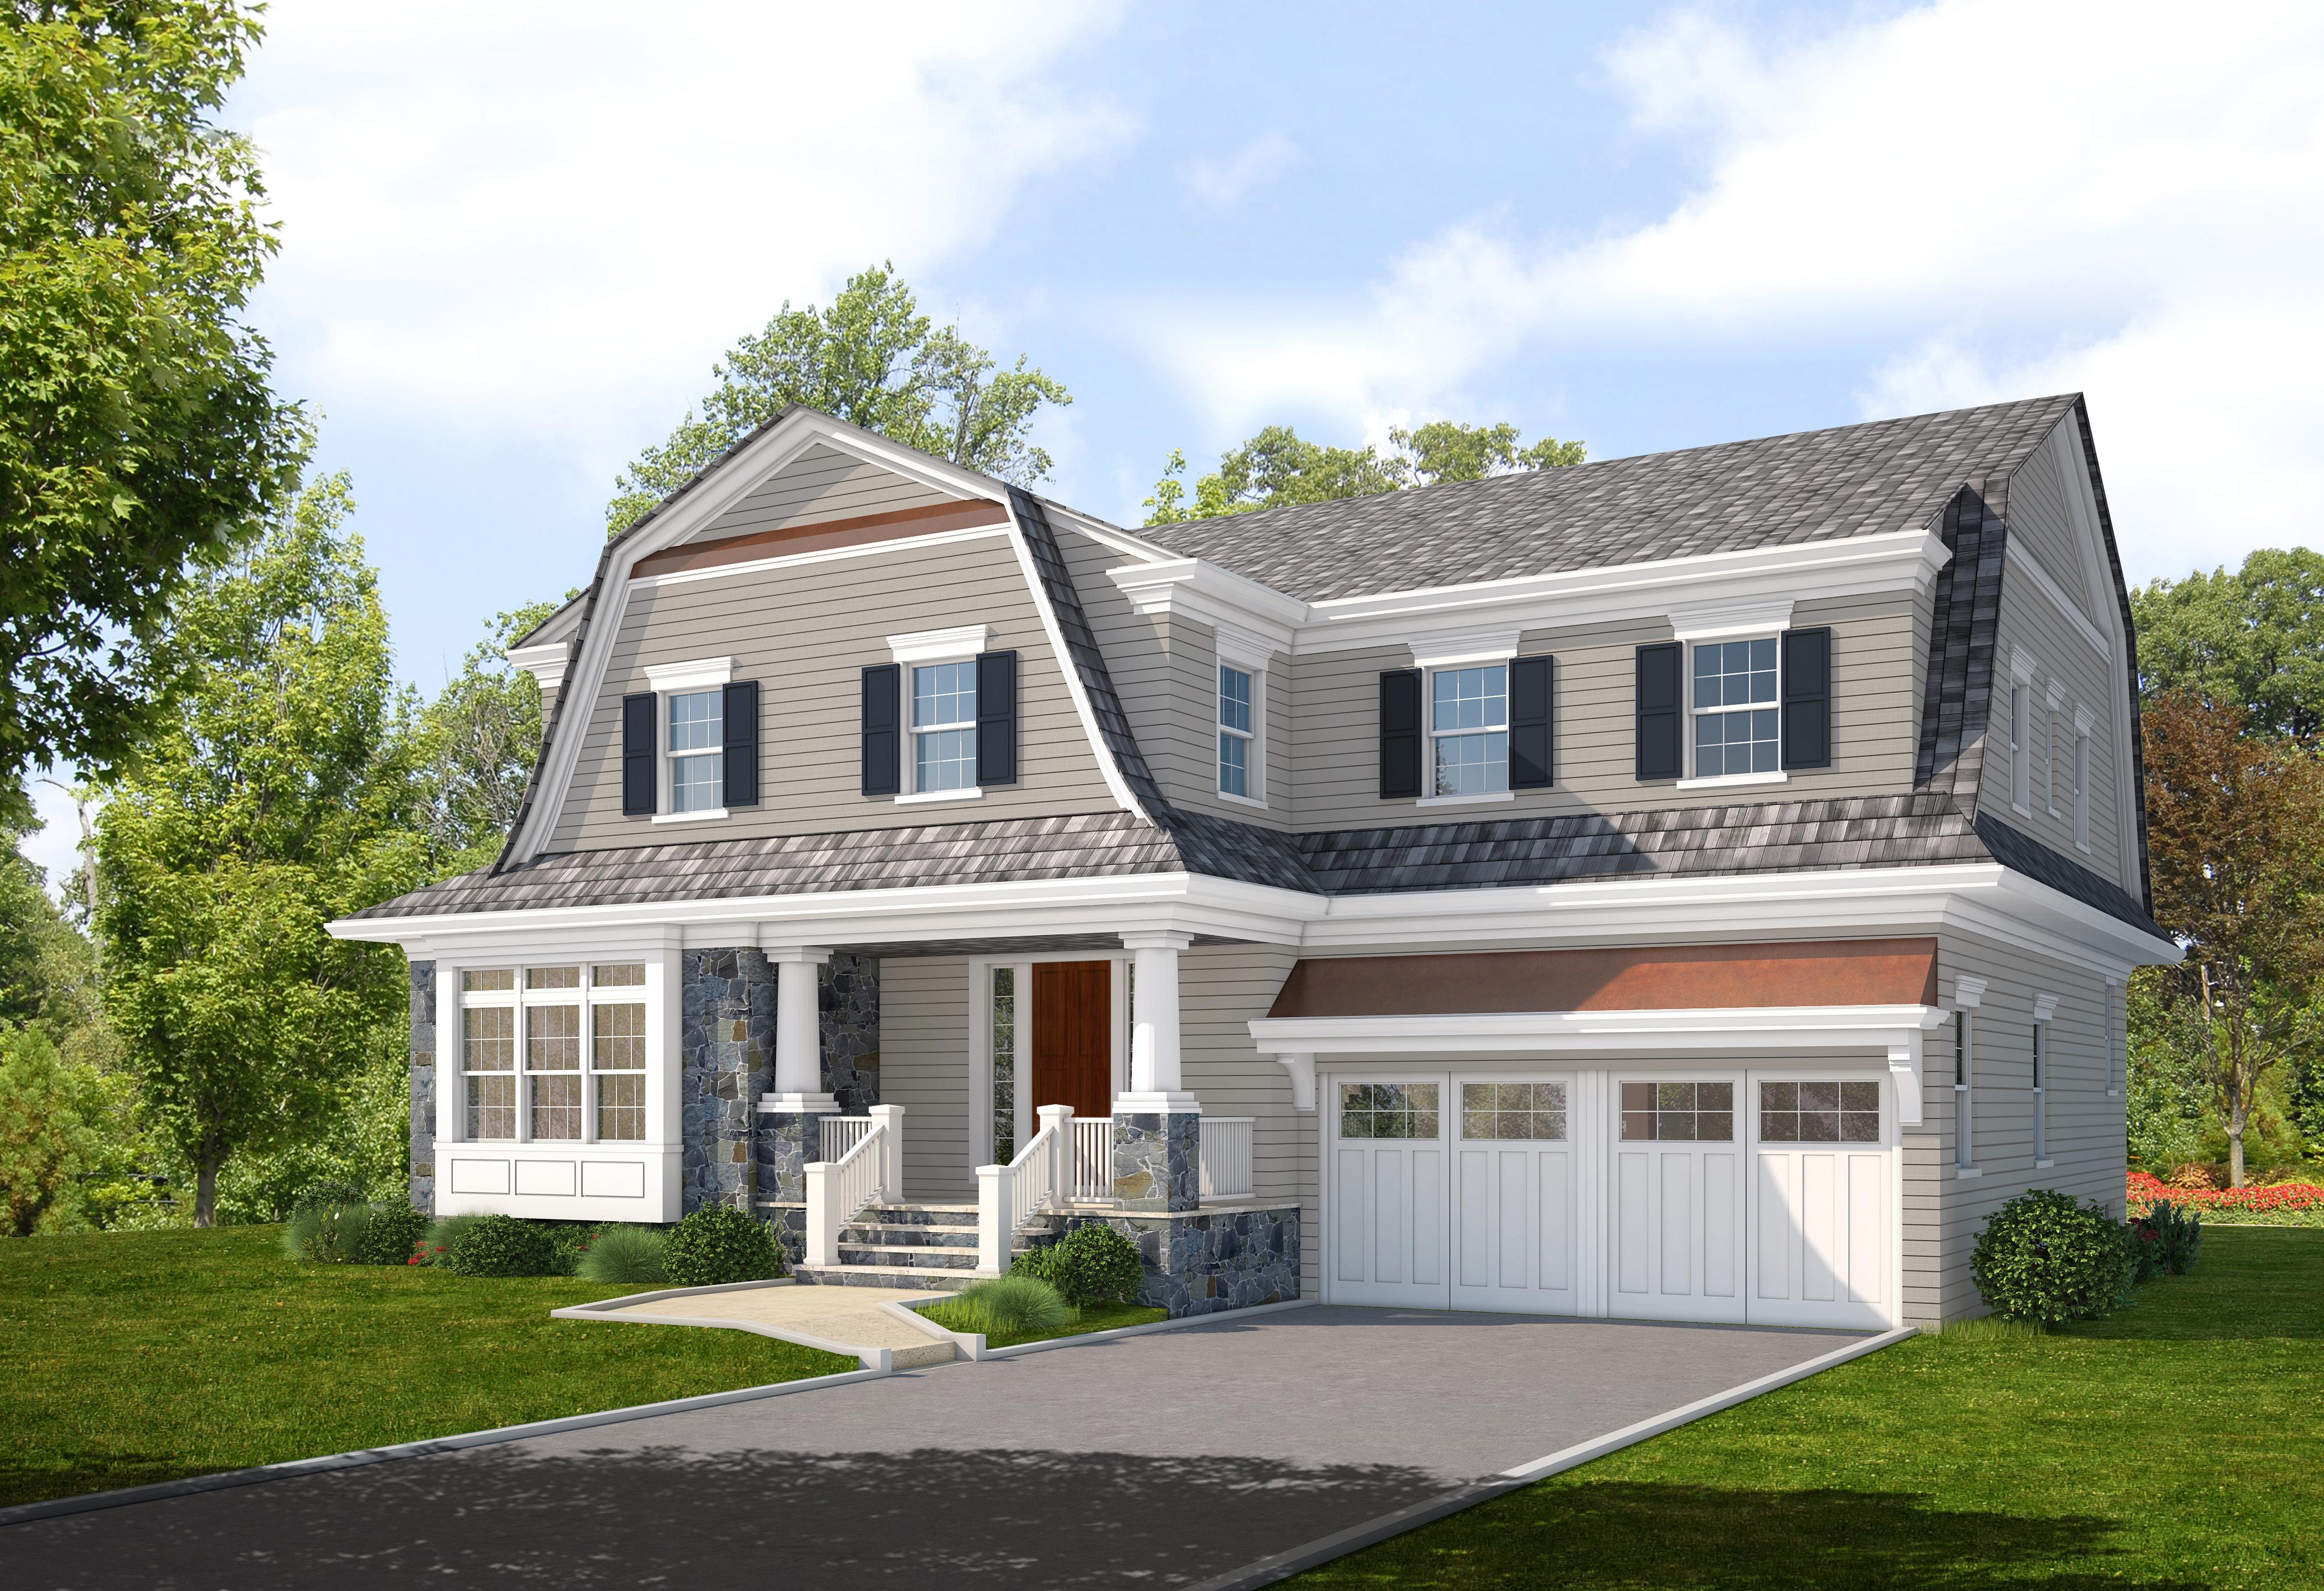 Maison unifamiliale pour l Vente à Fabulous New Construction 42 Villa Road Larchmont, New York 10538 États-Unis